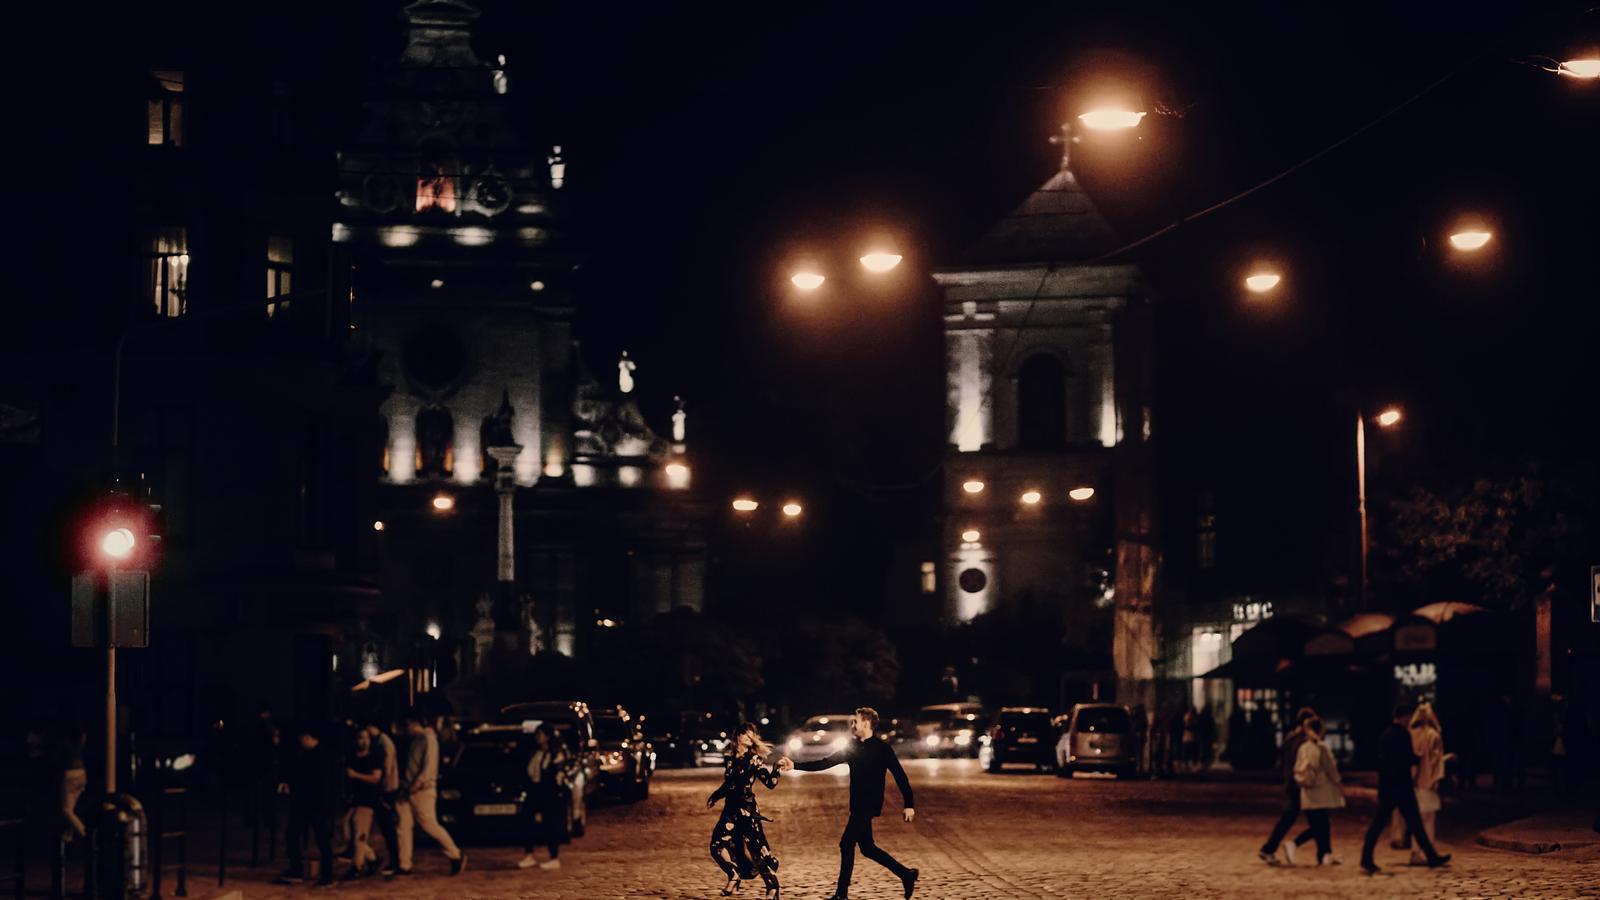 Dos joves creuant un carrer de nit, a París